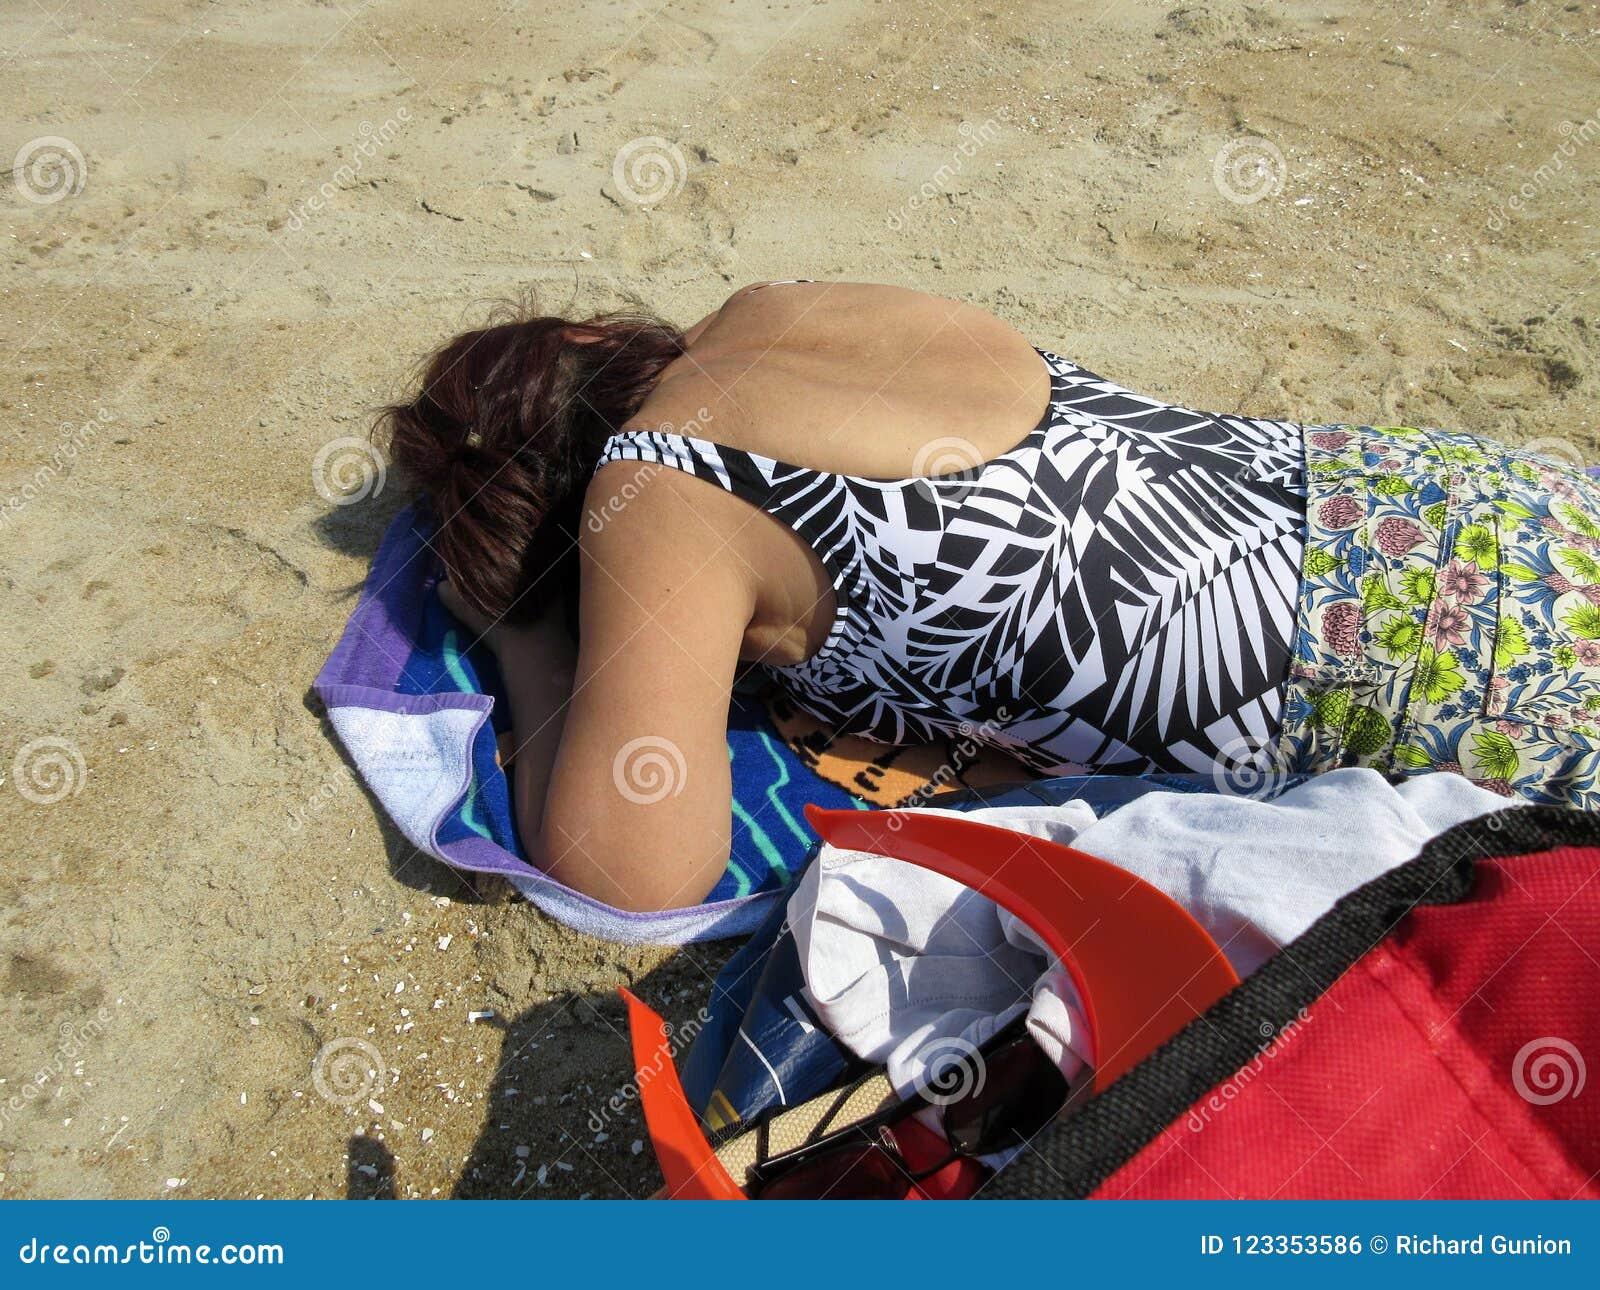 Tomar una siesta en el verano Sun